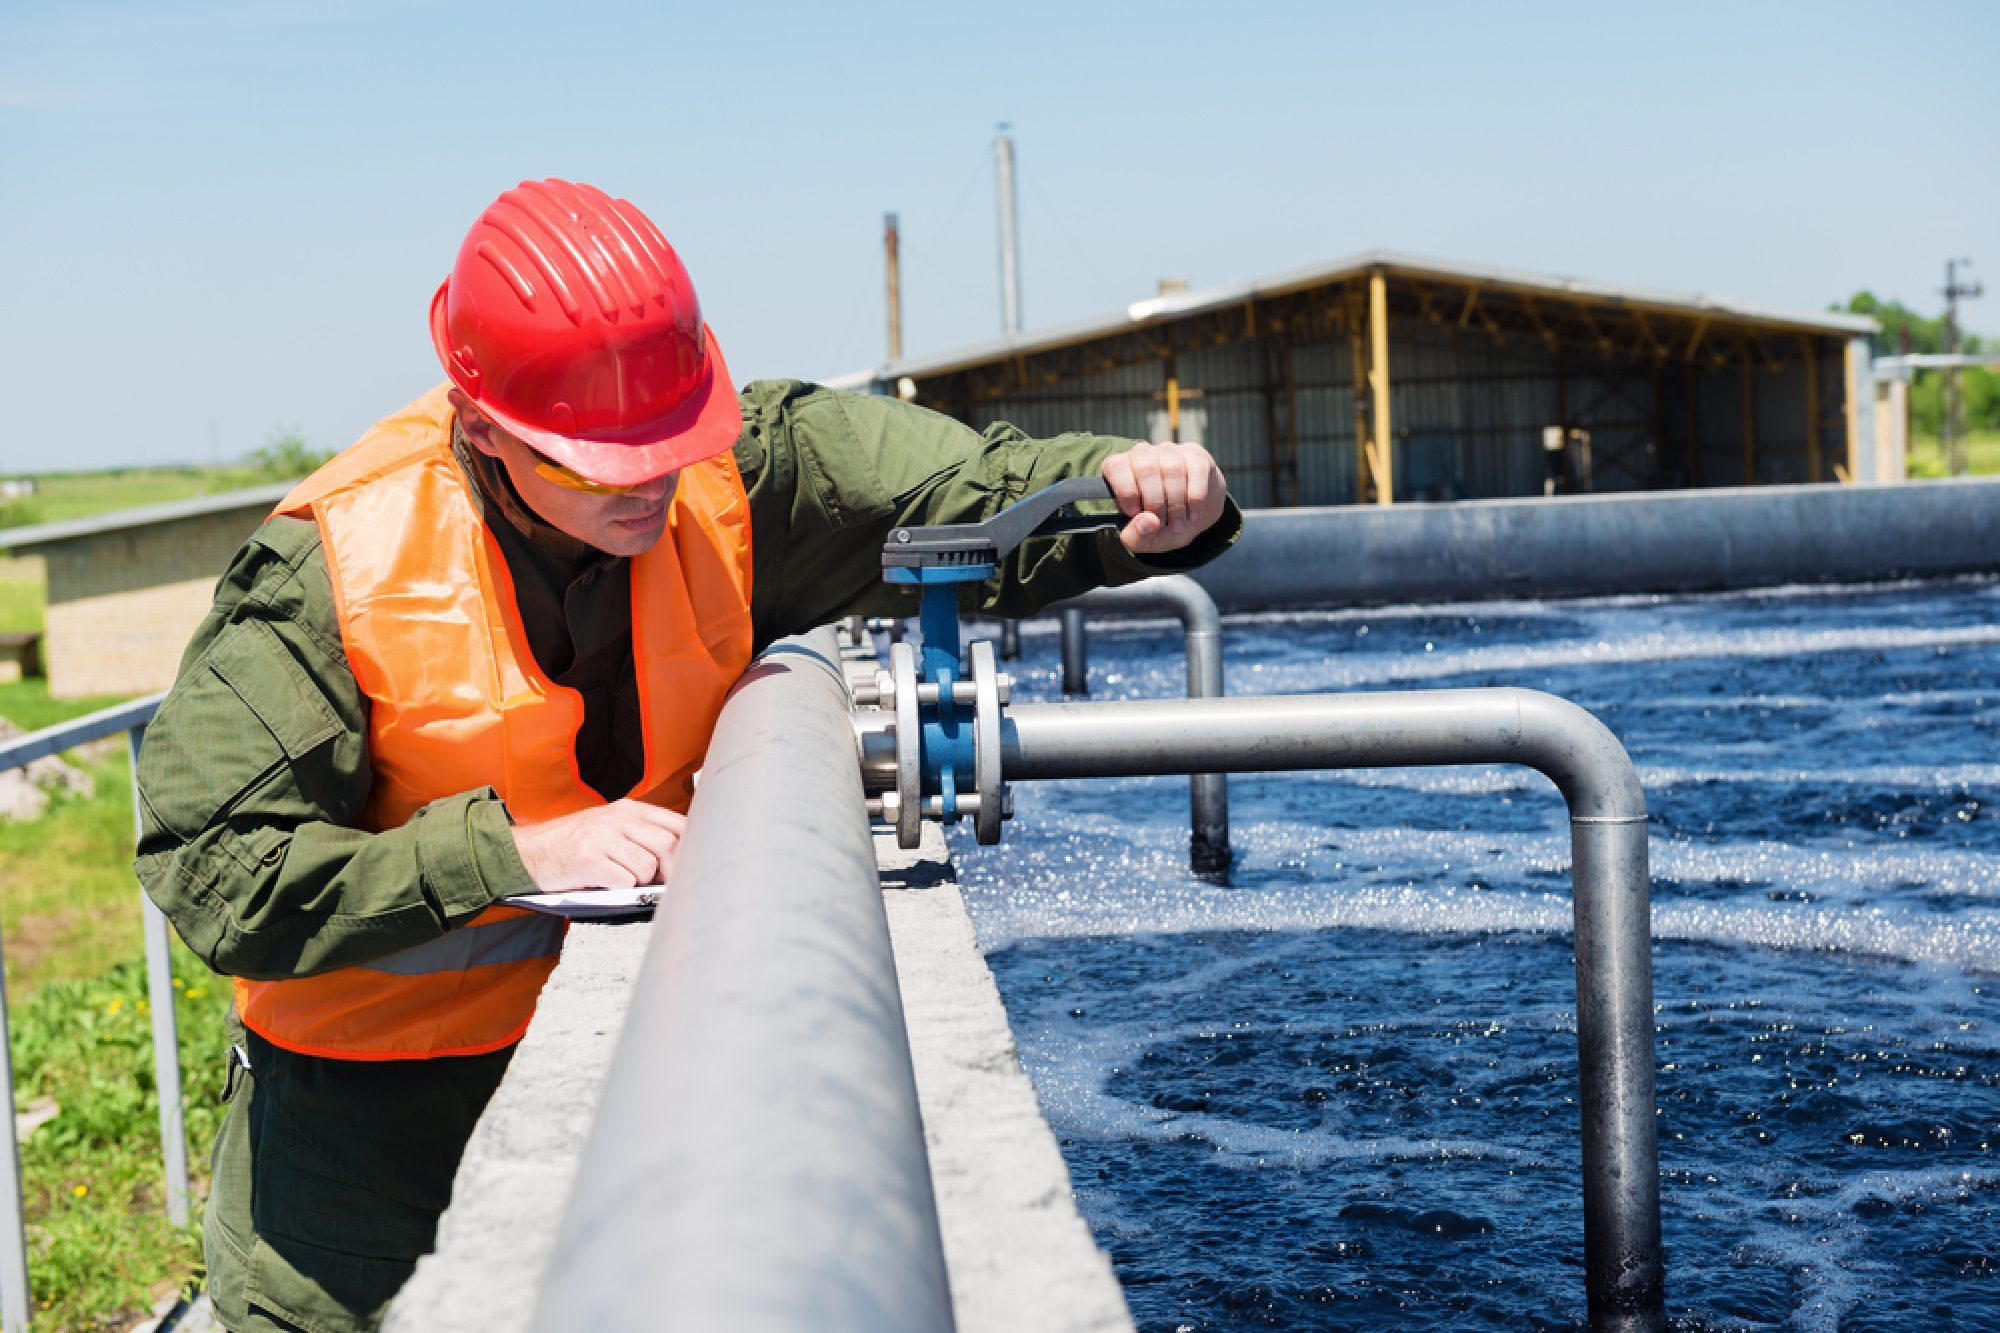 Ein Mann in Arbeitskleidung arbeitet mit Spezialwerkzeug an Ventilen am Rand eines offenen Klärbeckens mit sauberem Wasser..